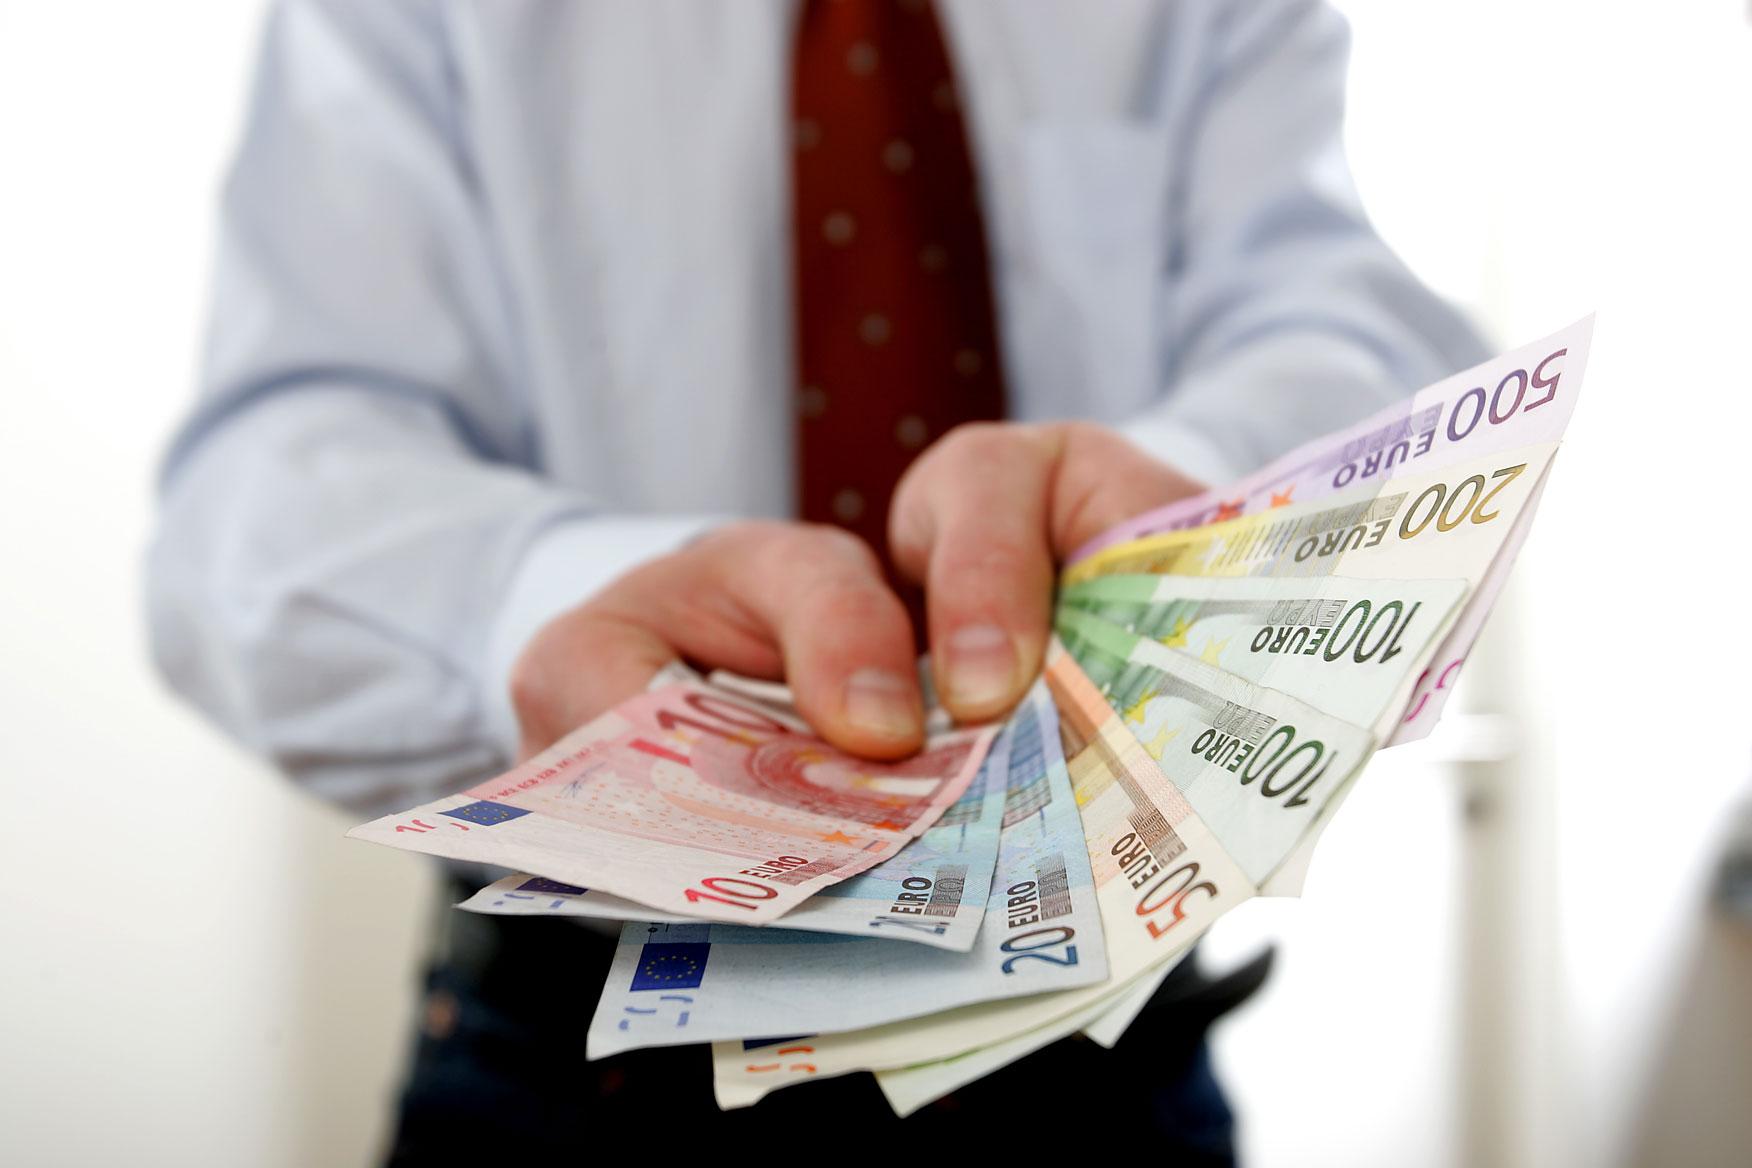 Ein Geschäftsmann hält ein Bündel Euro Scheine ins Zentrum des Bilds.